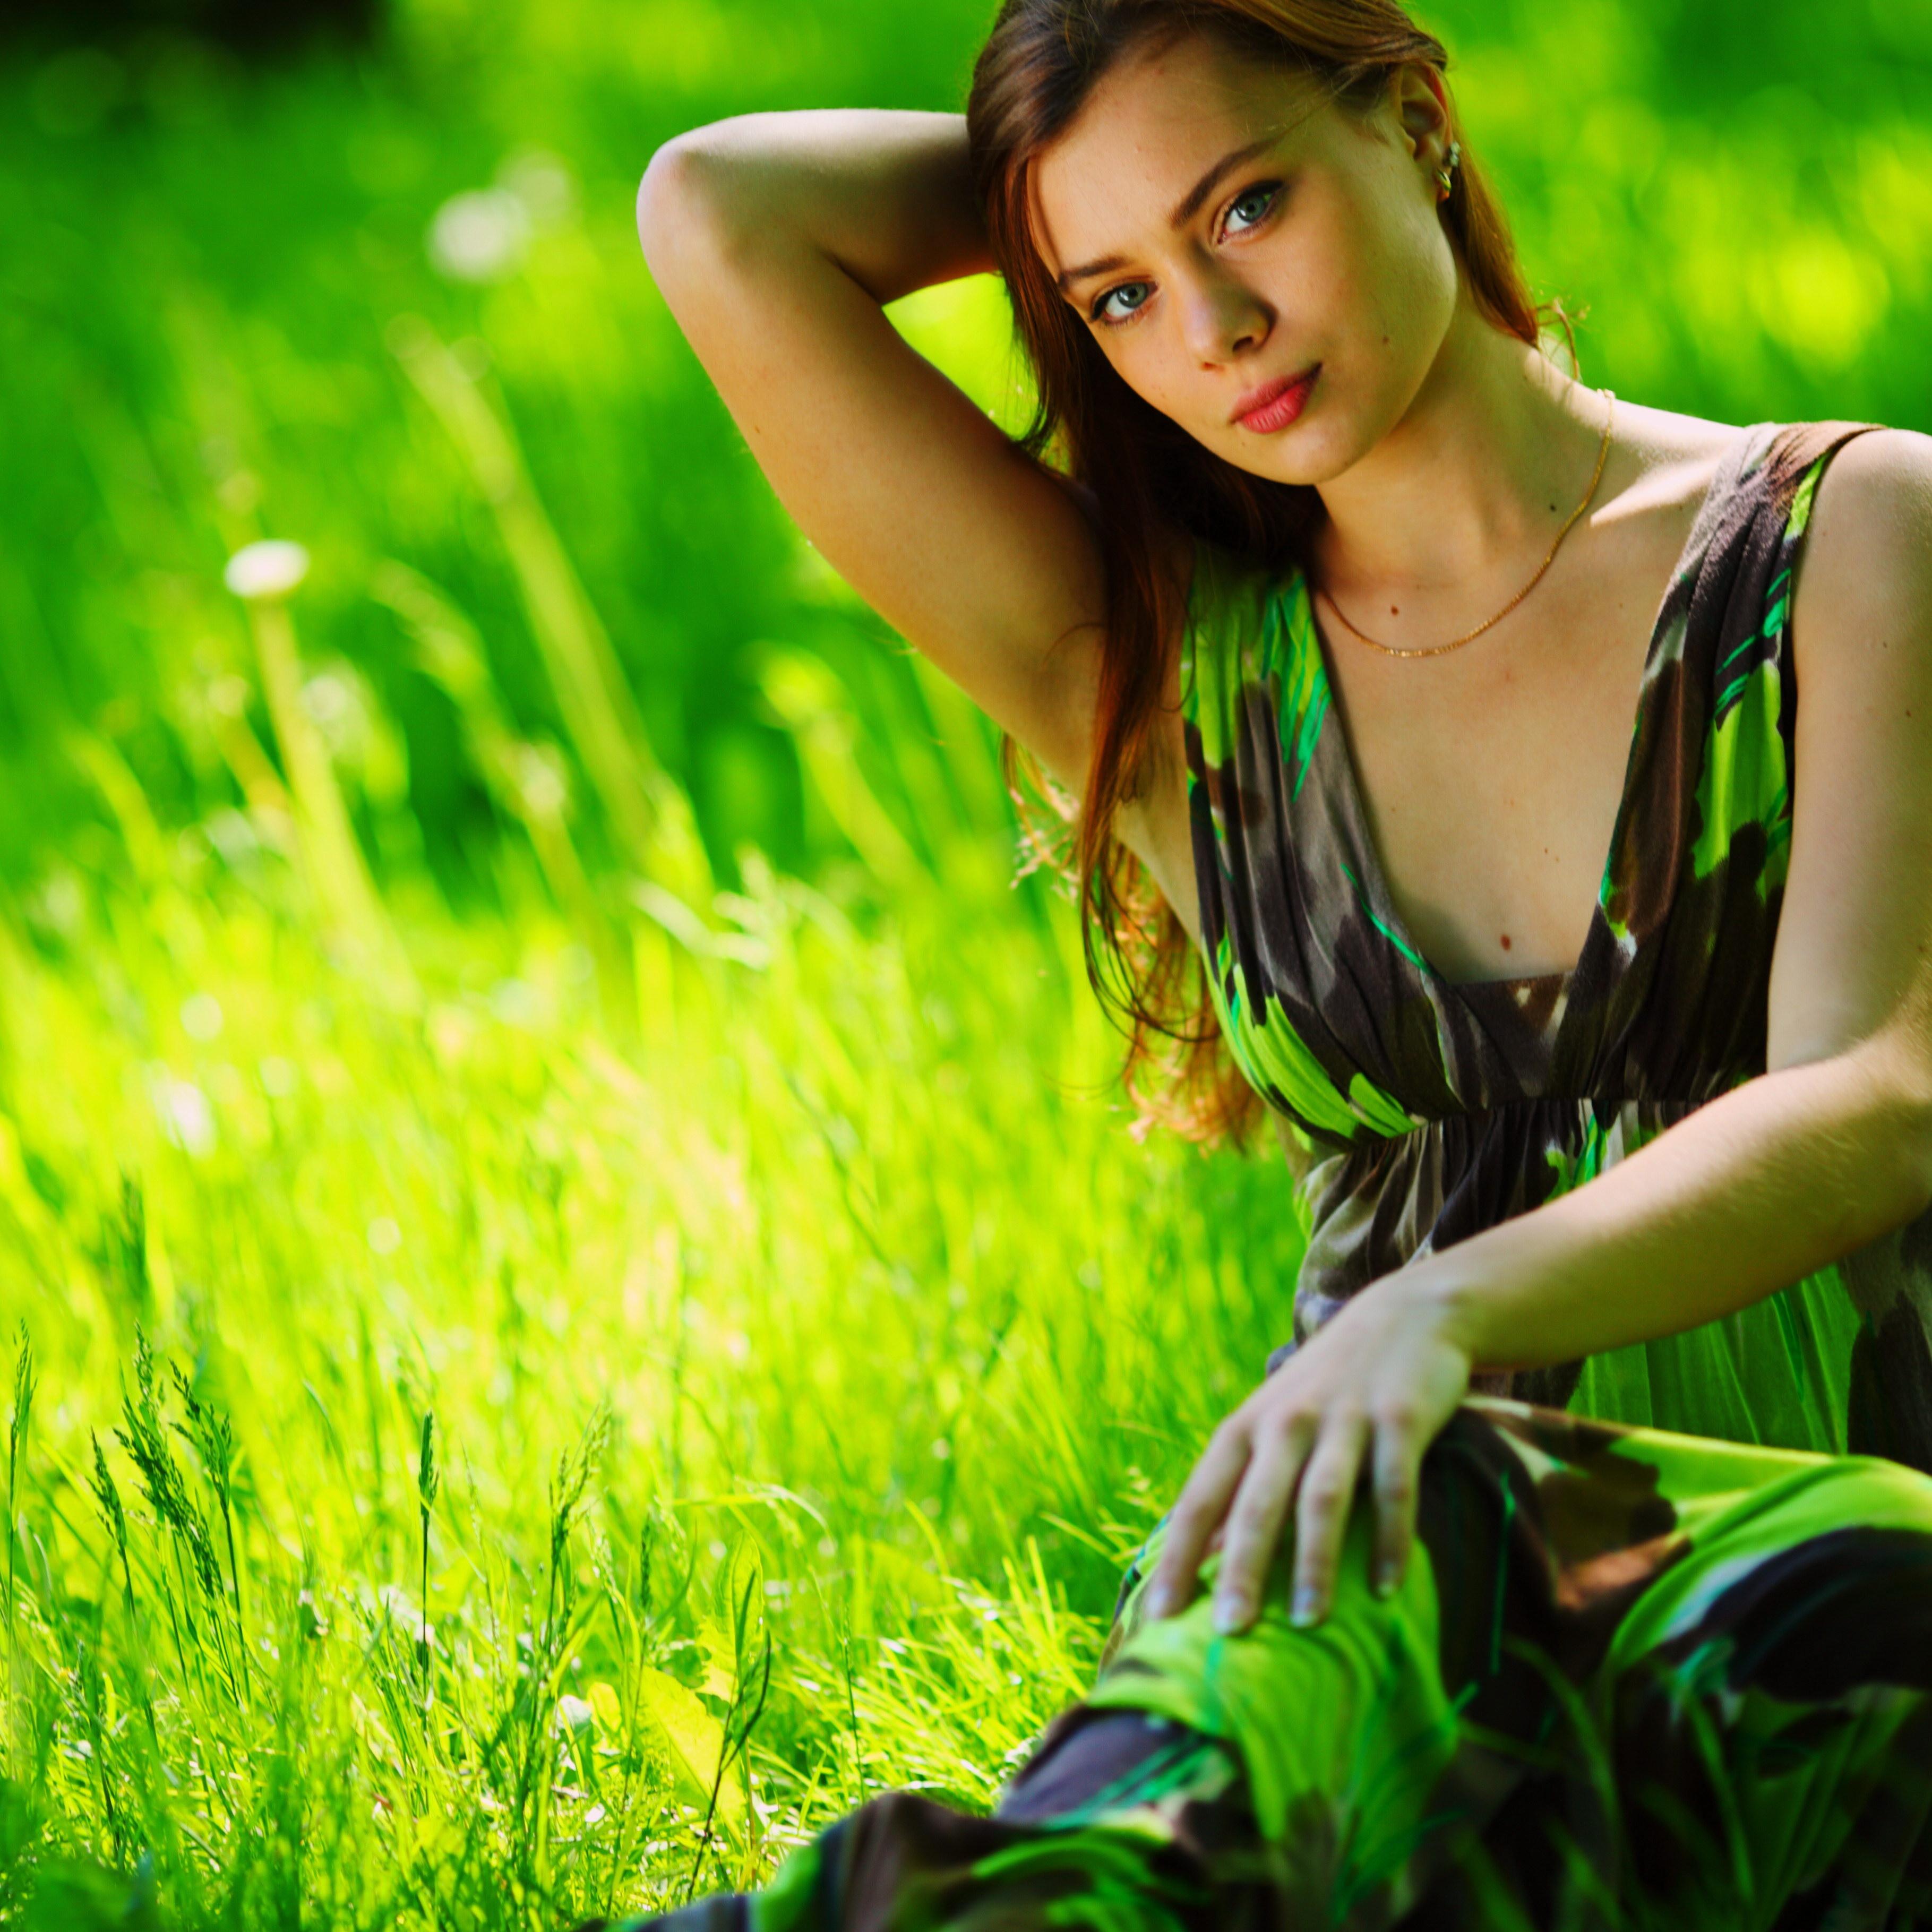 Девочка с зелеными темнями  № 176569 загрузить